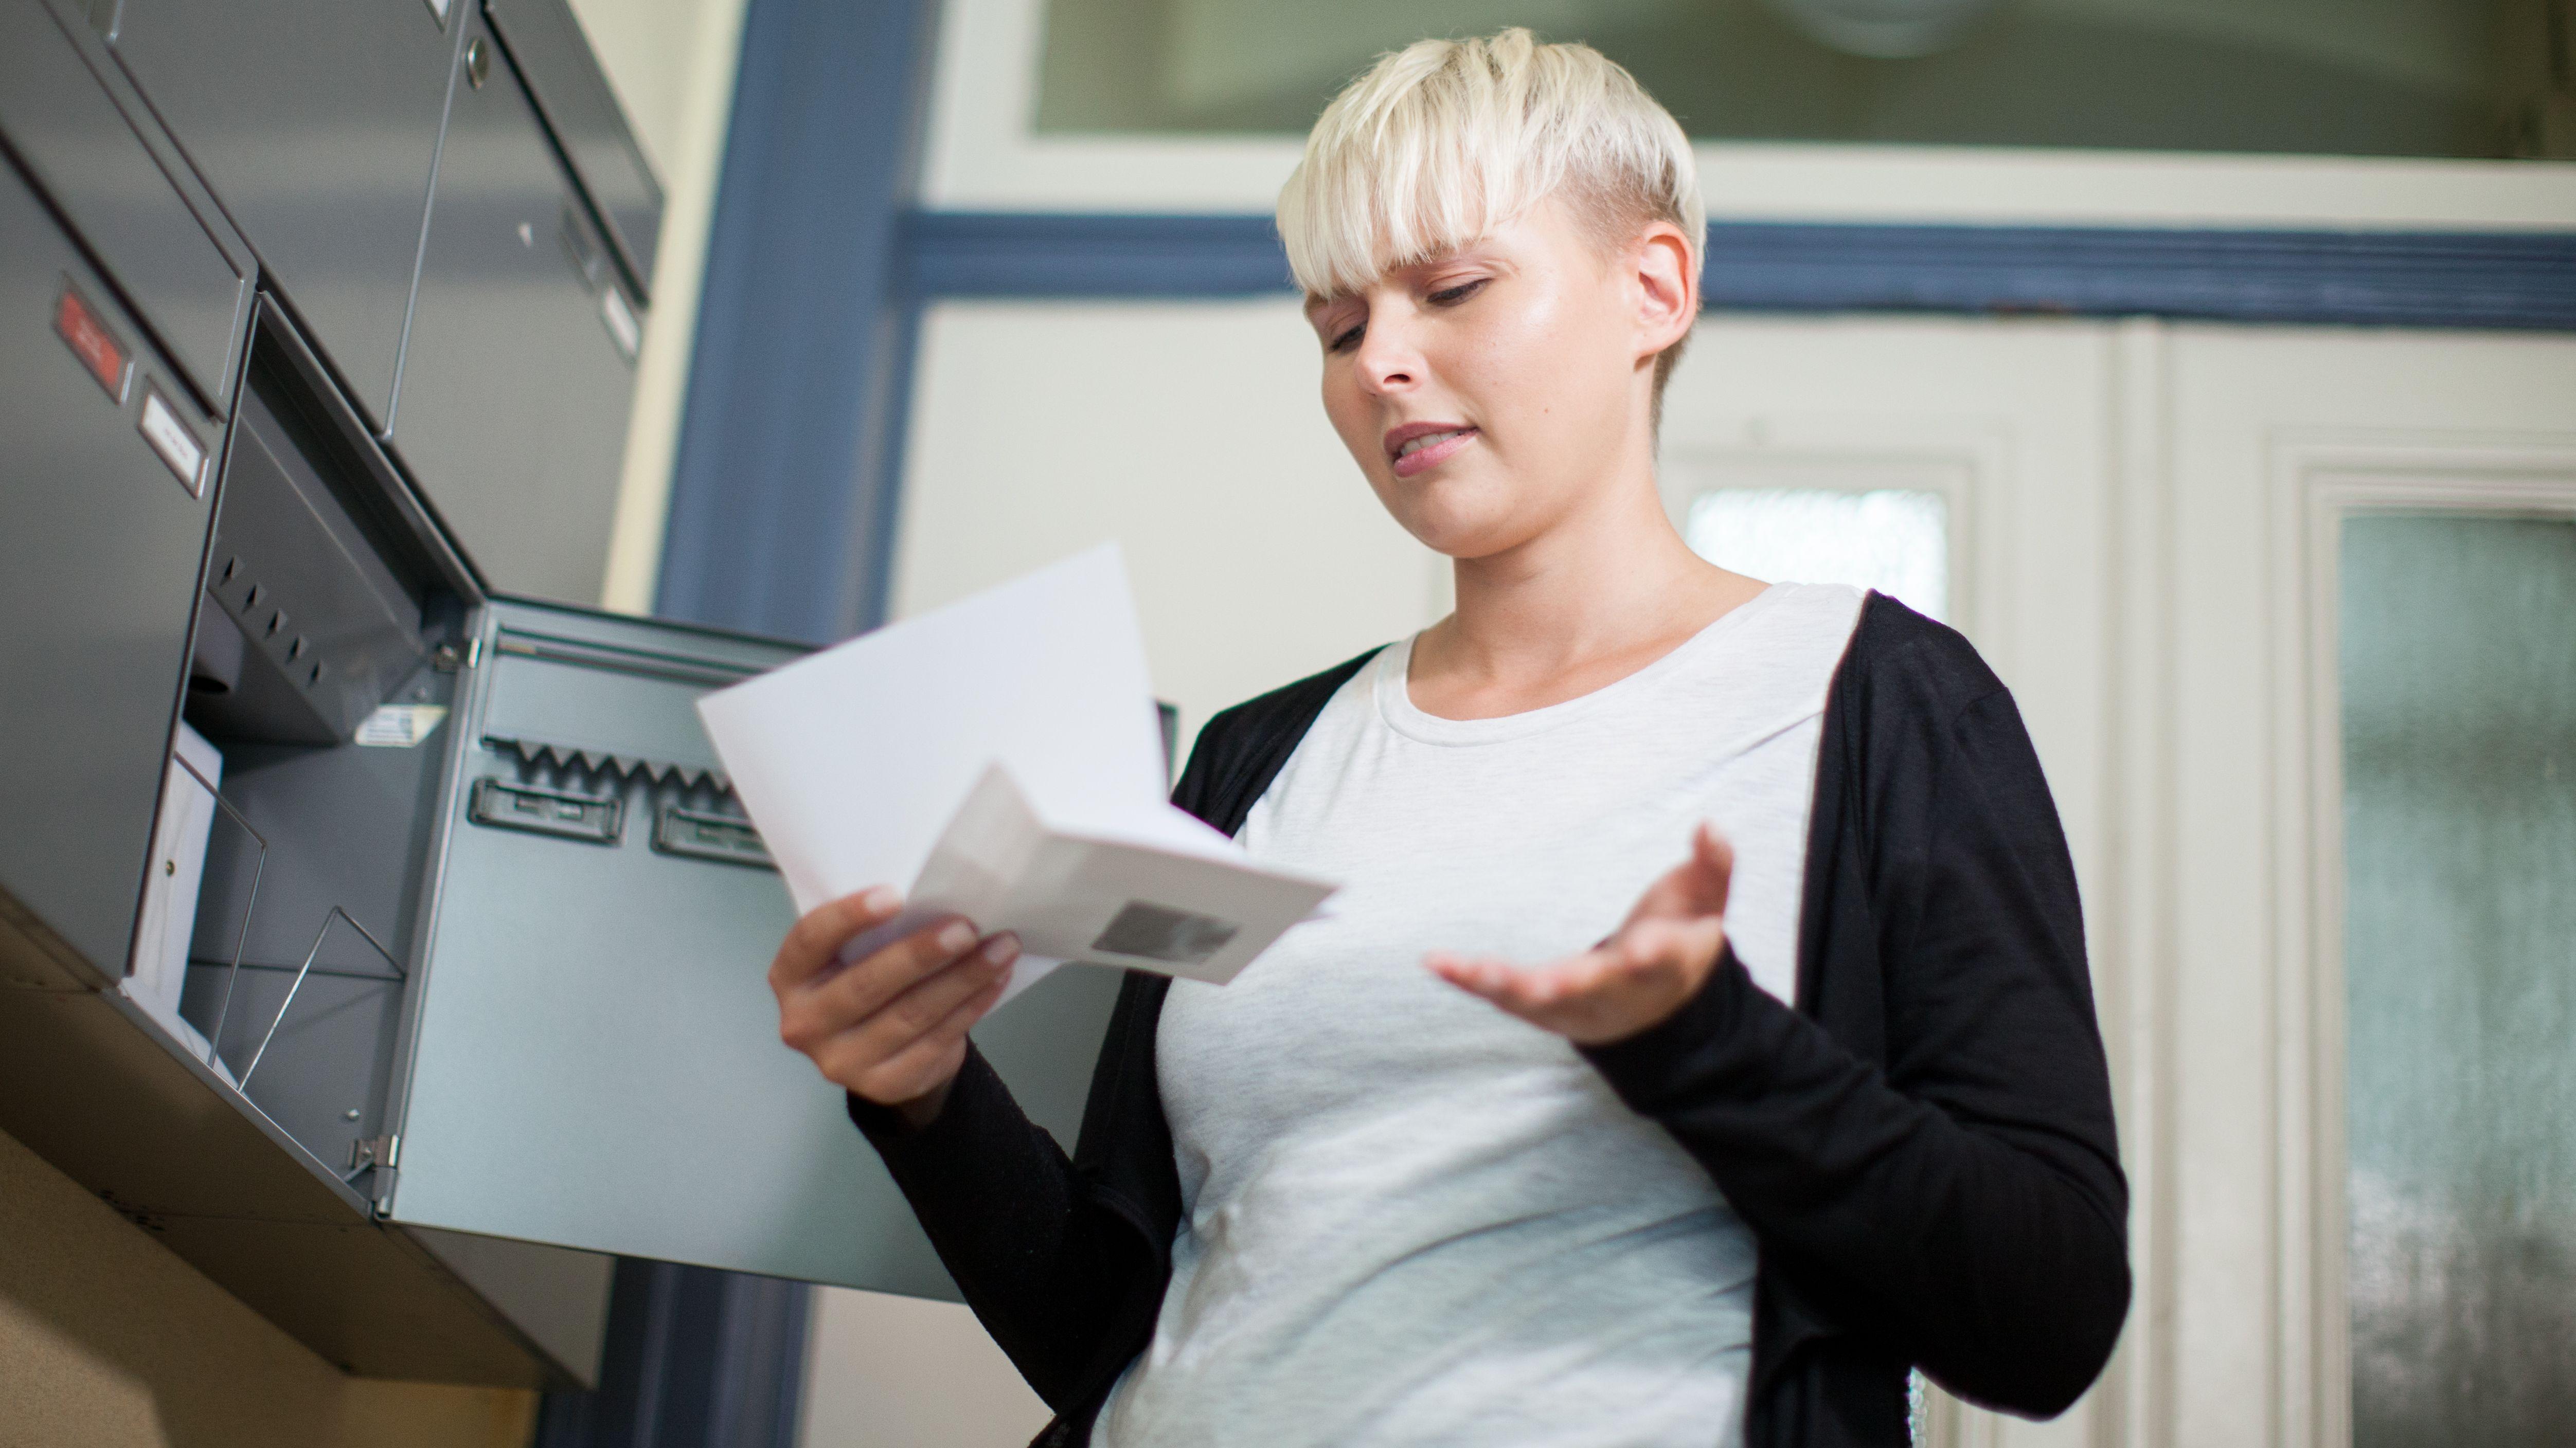 Eine junge Frau steht neben einem Briefkasten und öffnet einen Brief.